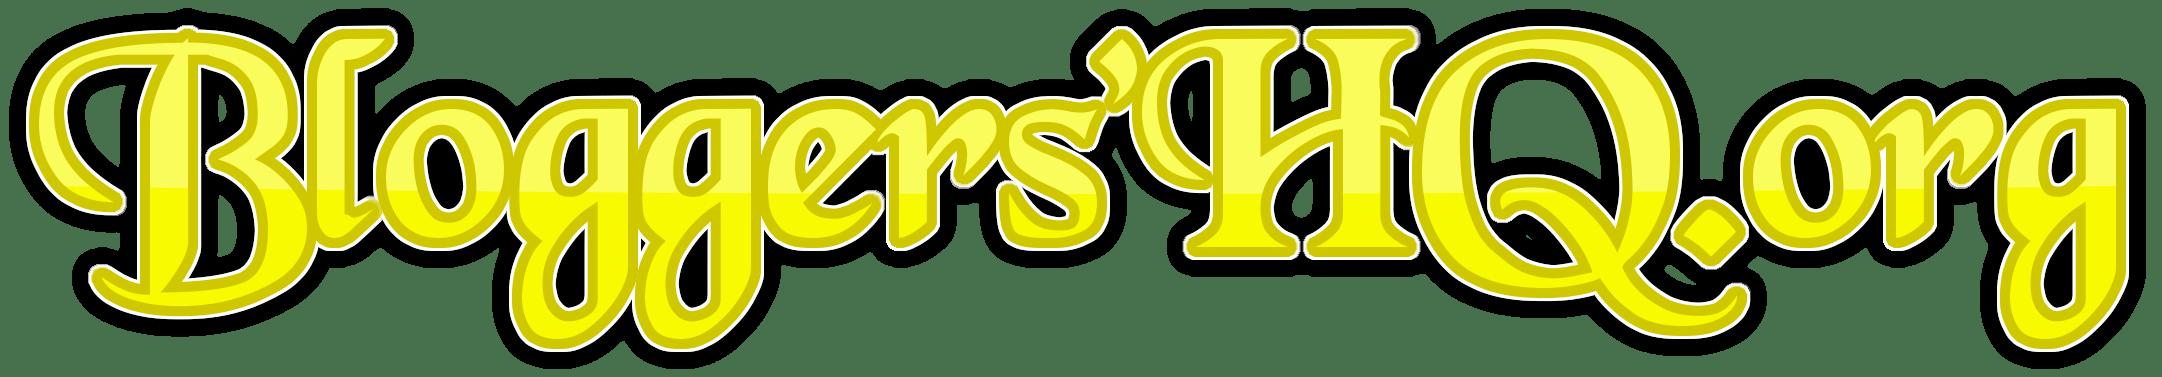 BloggersHQ.Org